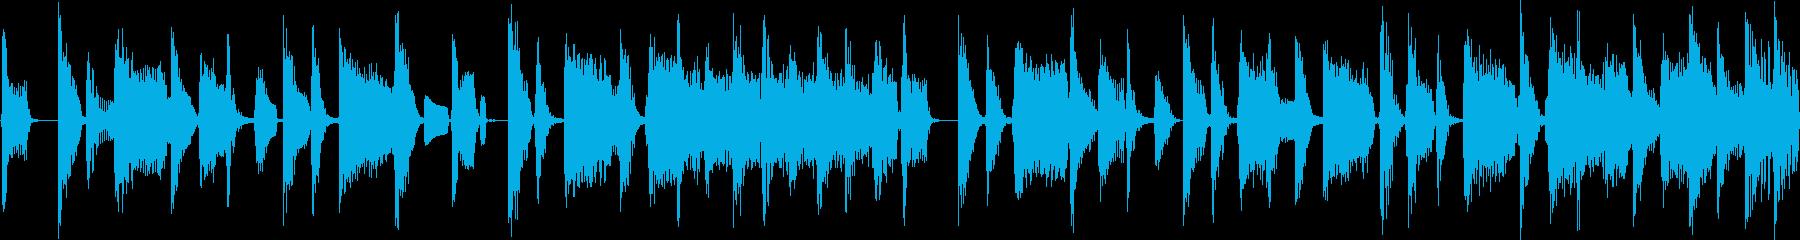 ソウル&ブルース系ダークな雰囲気_ループの再生済みの波形